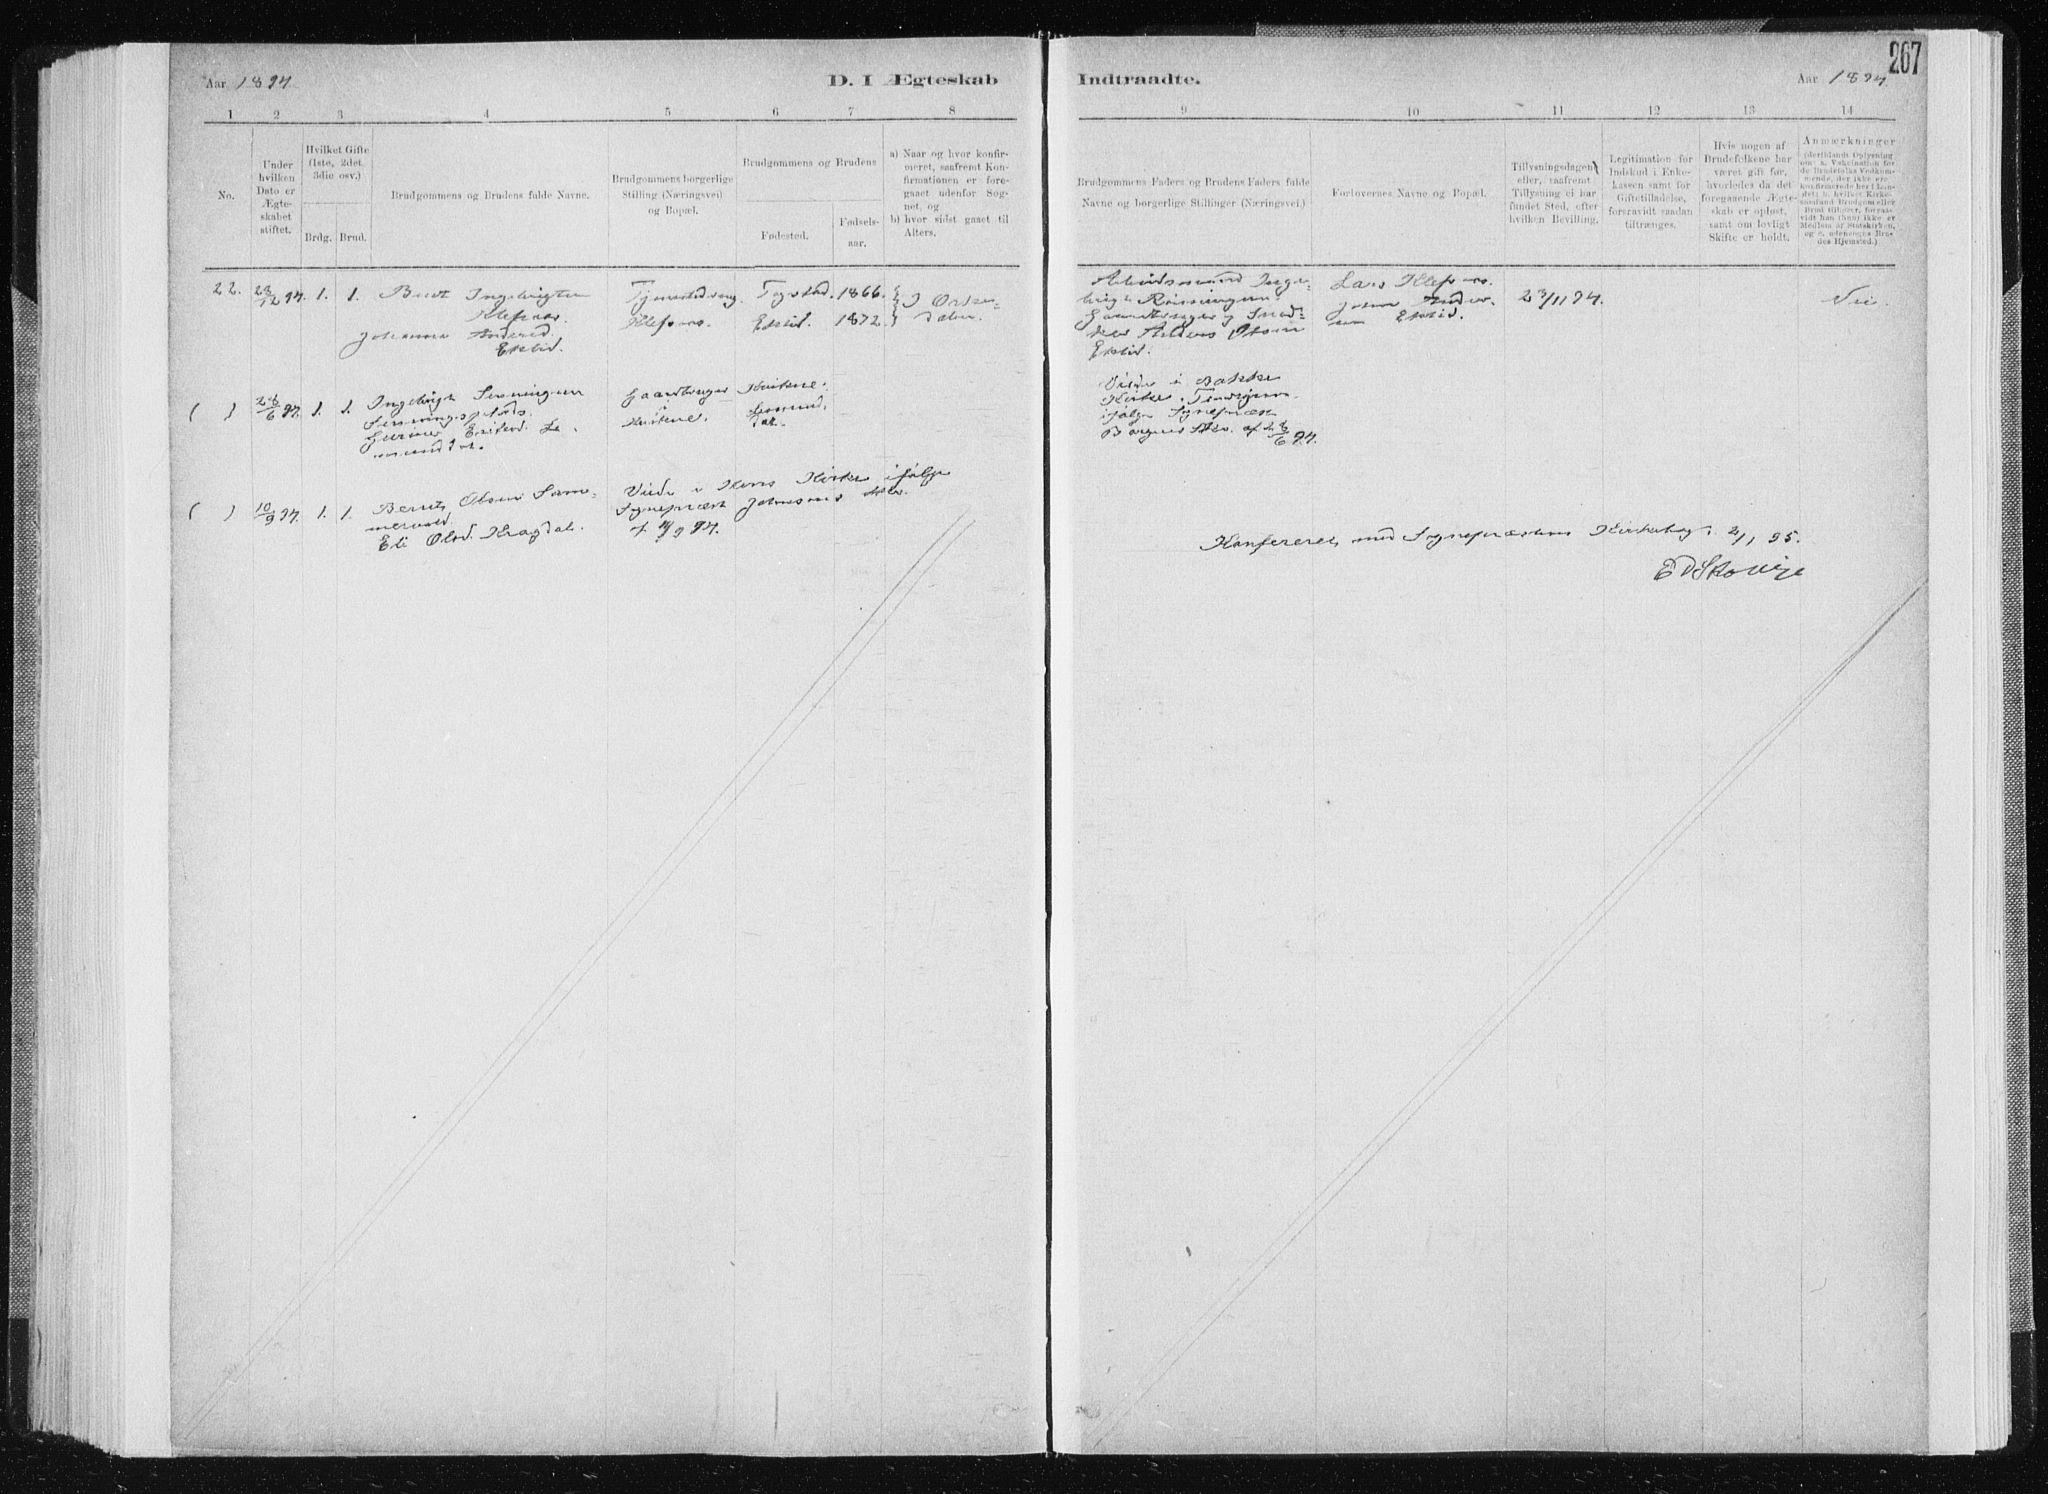 SAT, Ministerialprotokoller, klokkerbøker og fødselsregistre - Sør-Trøndelag, 668/L0818: Klokkerbok nr. 668C07, 1885-1898, s. 267